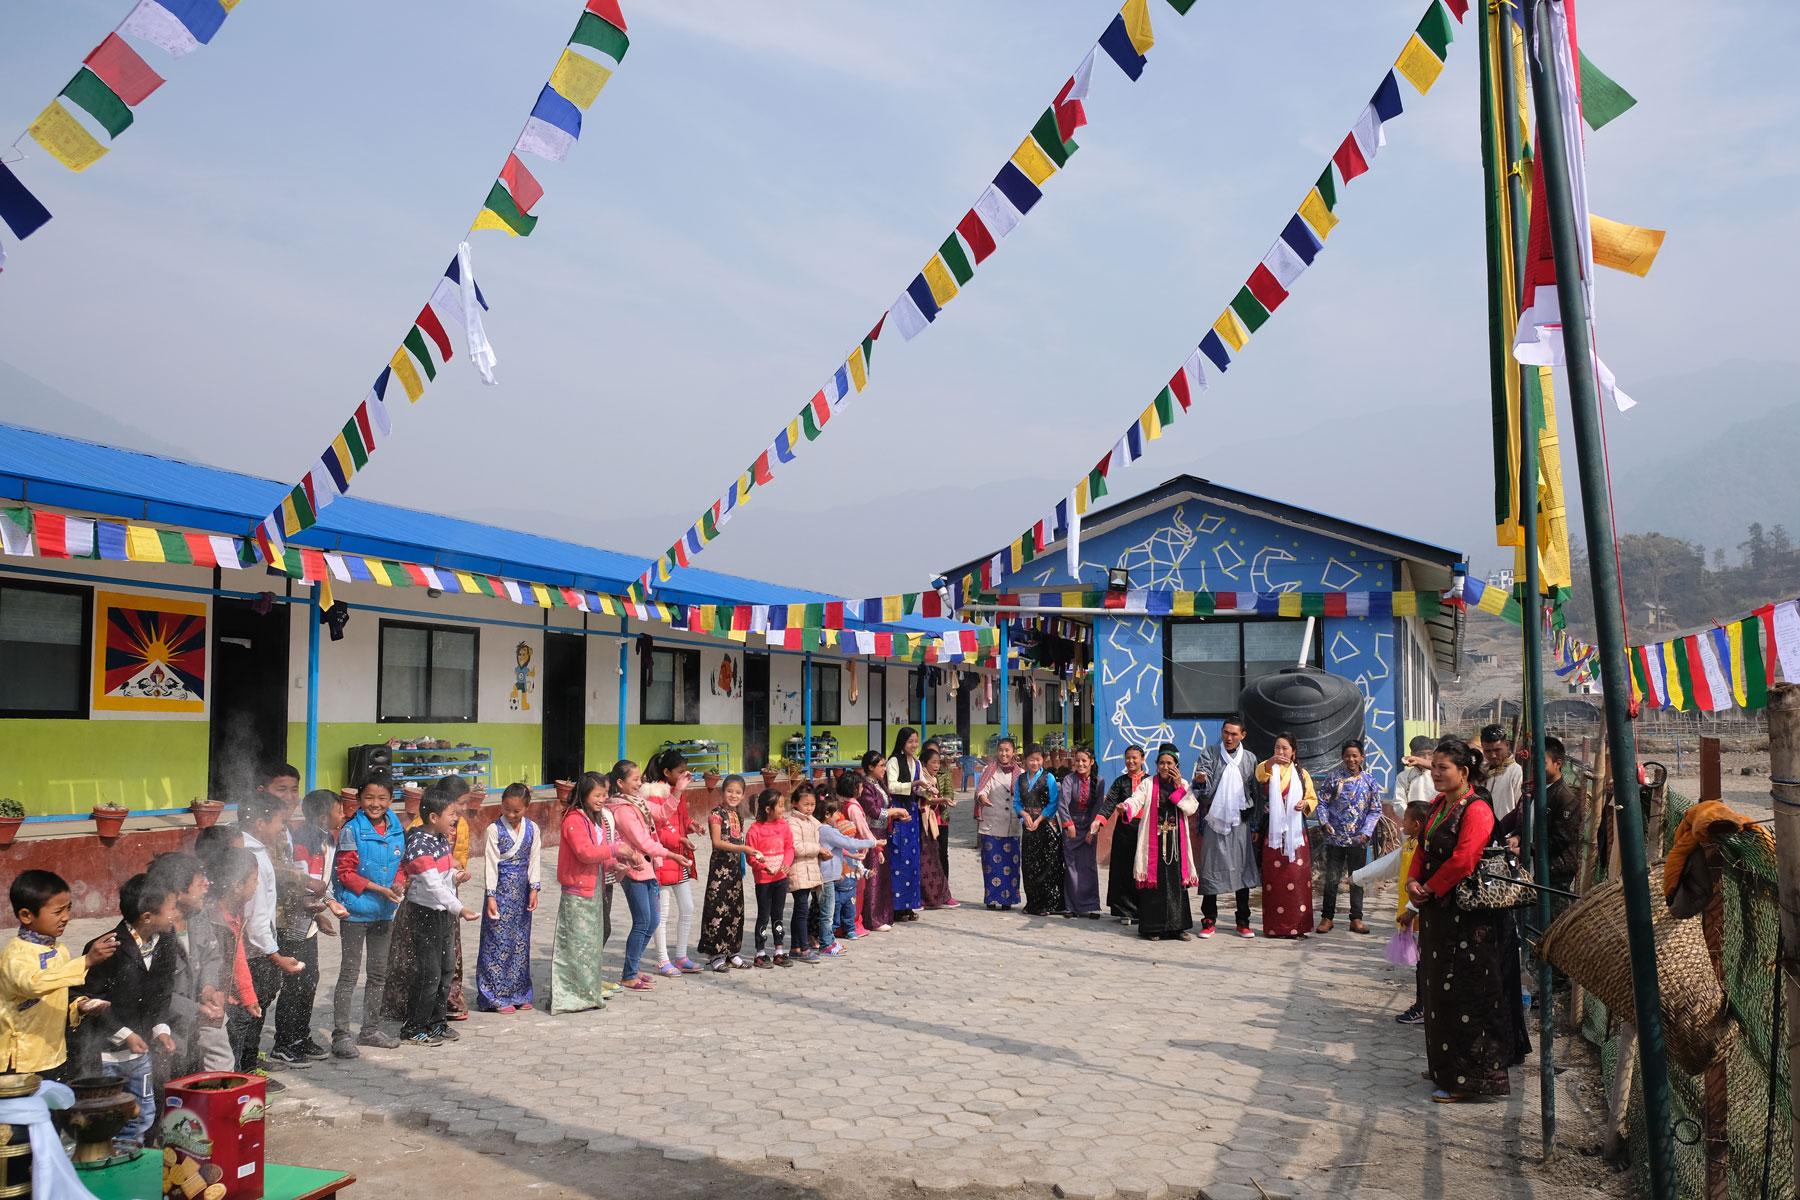 Kinder feiern in einem nepalesischen Waisenhaus das tibetische Losar-Fest.